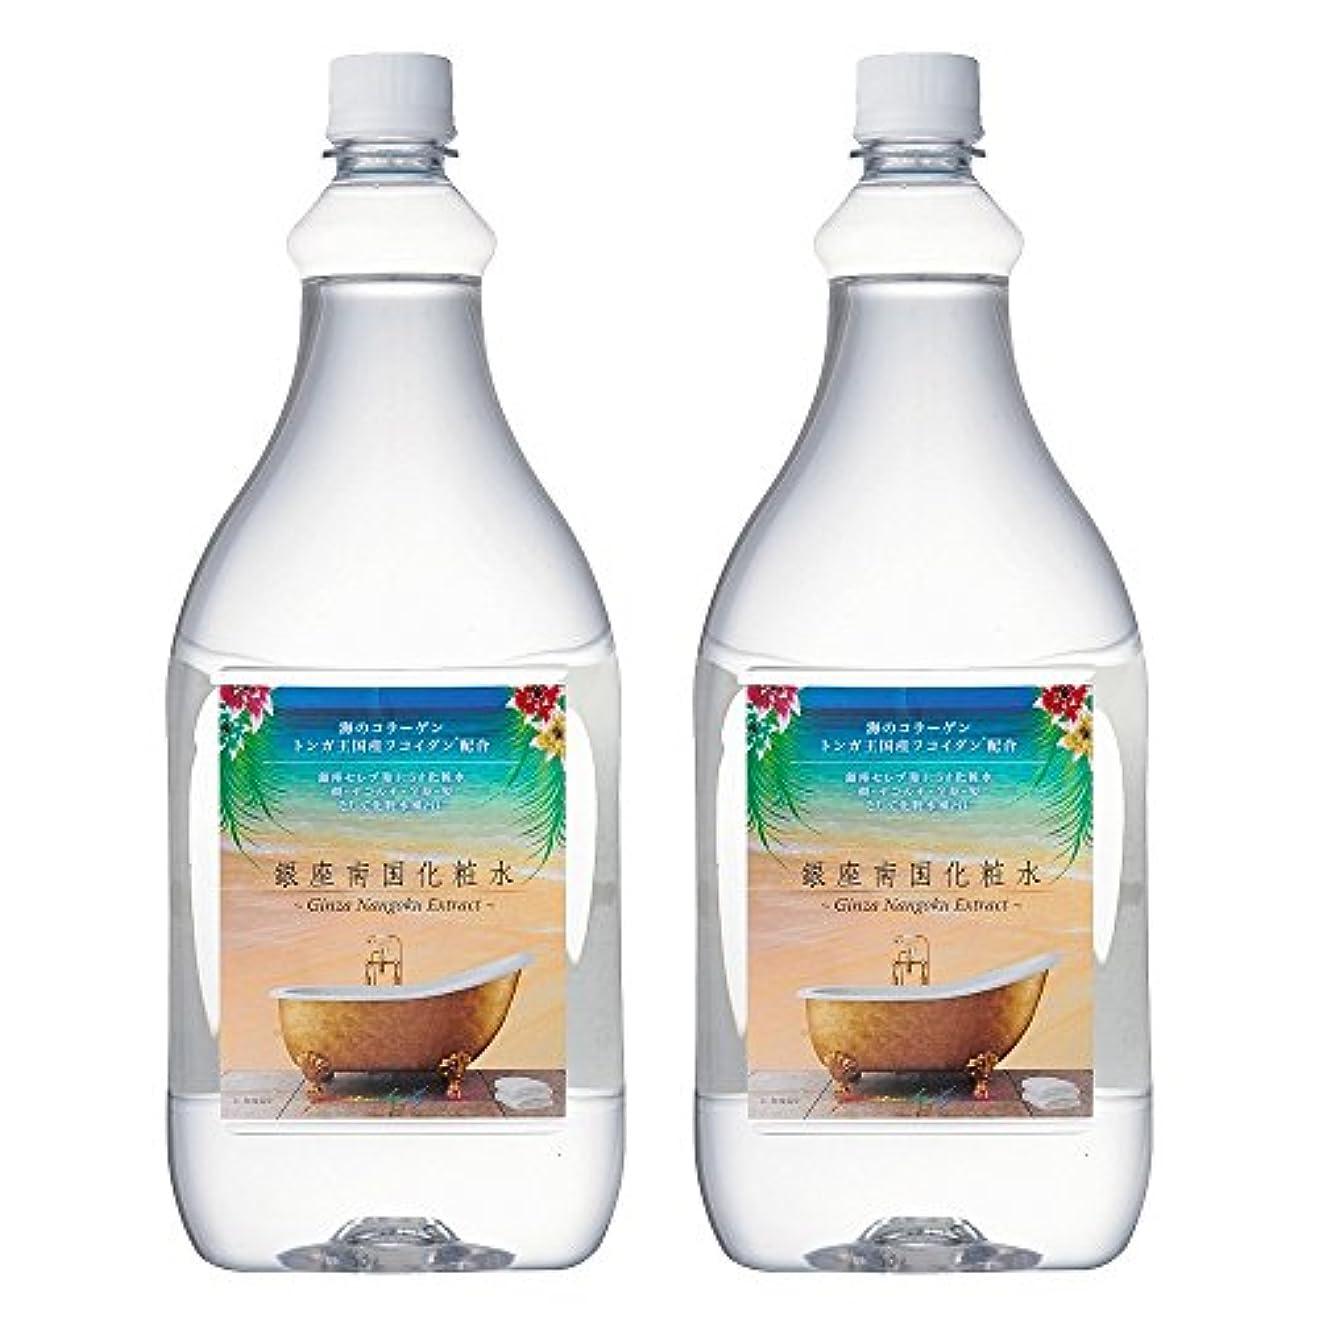 バトル口ひげタービン銀座南国化粧水 1.5L 2本セット